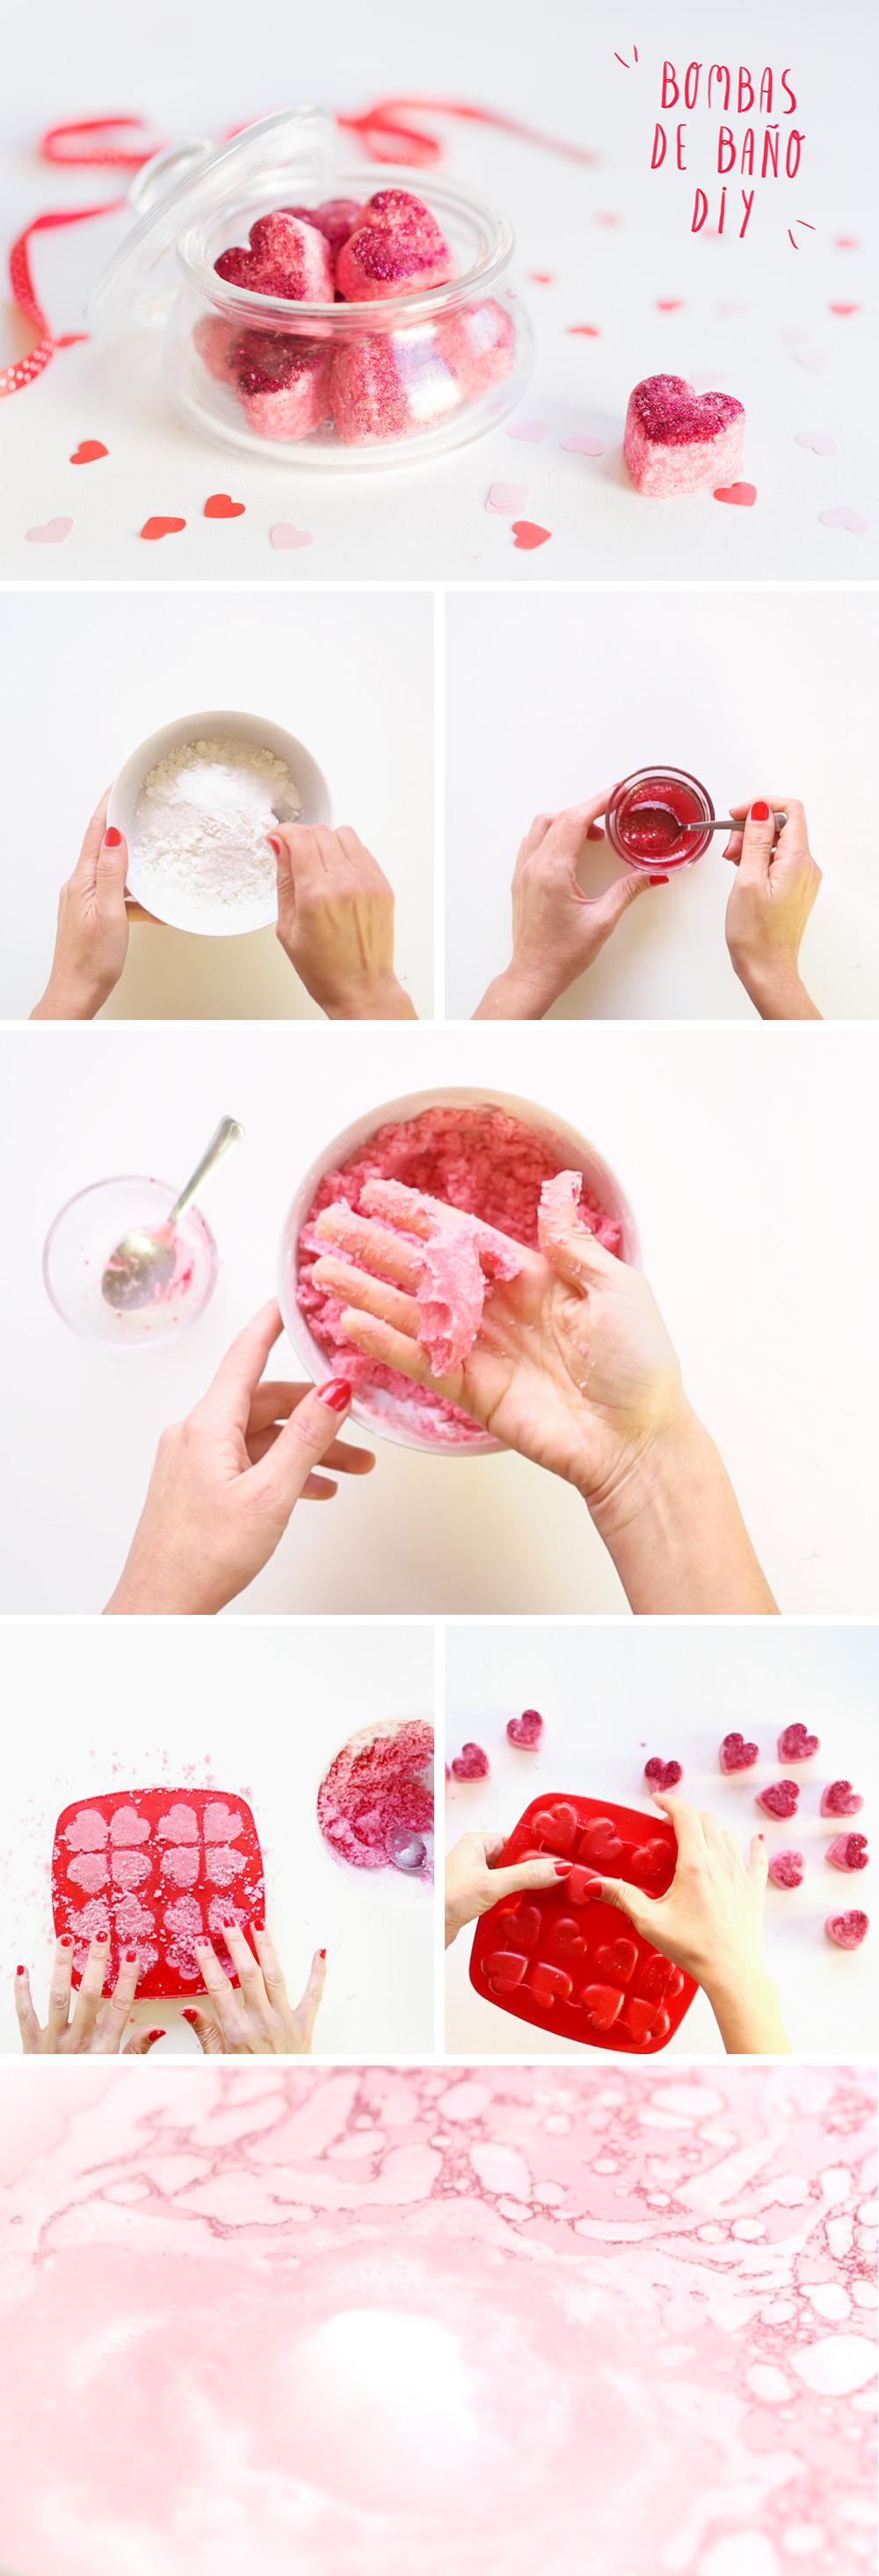 """Cómo hacer bombas de baño efervescentes ¡versión San Valentín! Viso en """"I am a Mess Blog"""""""